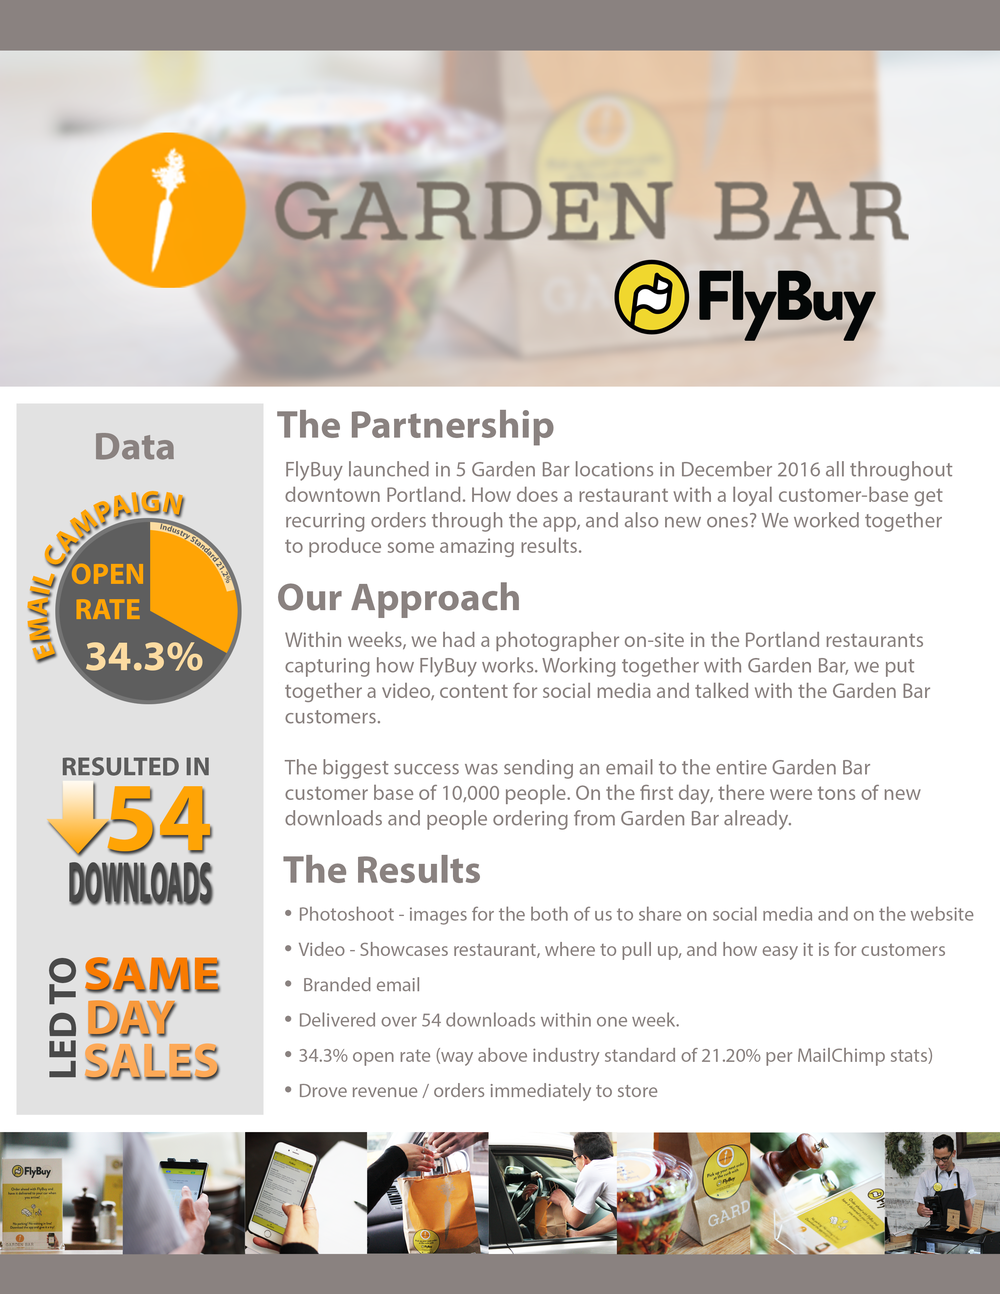 Garden Bar Stats